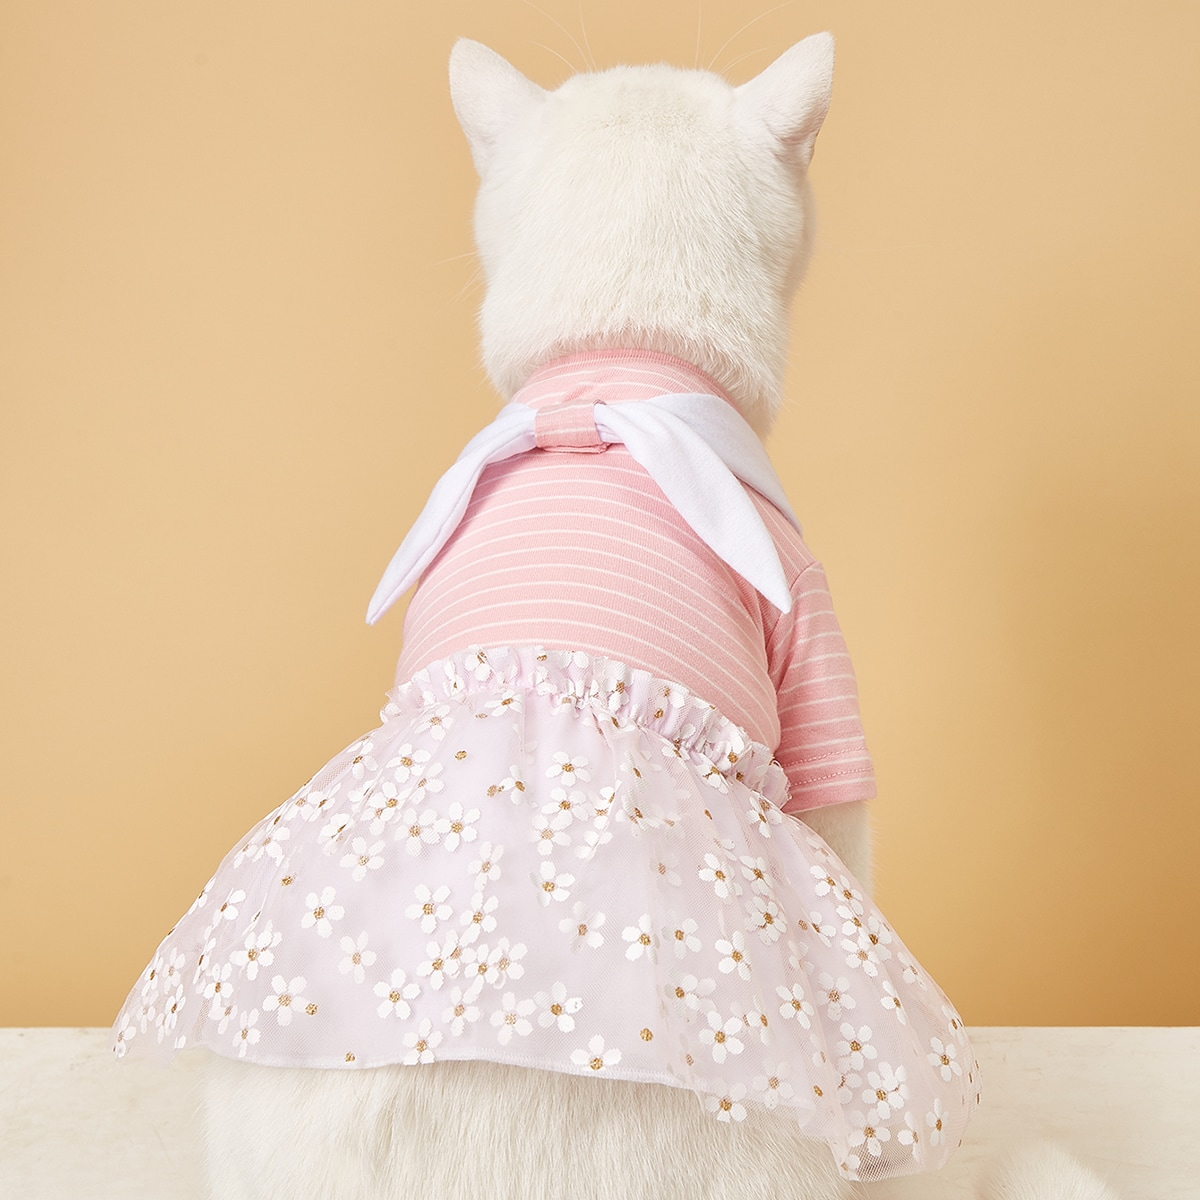 Flower & Striped Pattern Pet Dress